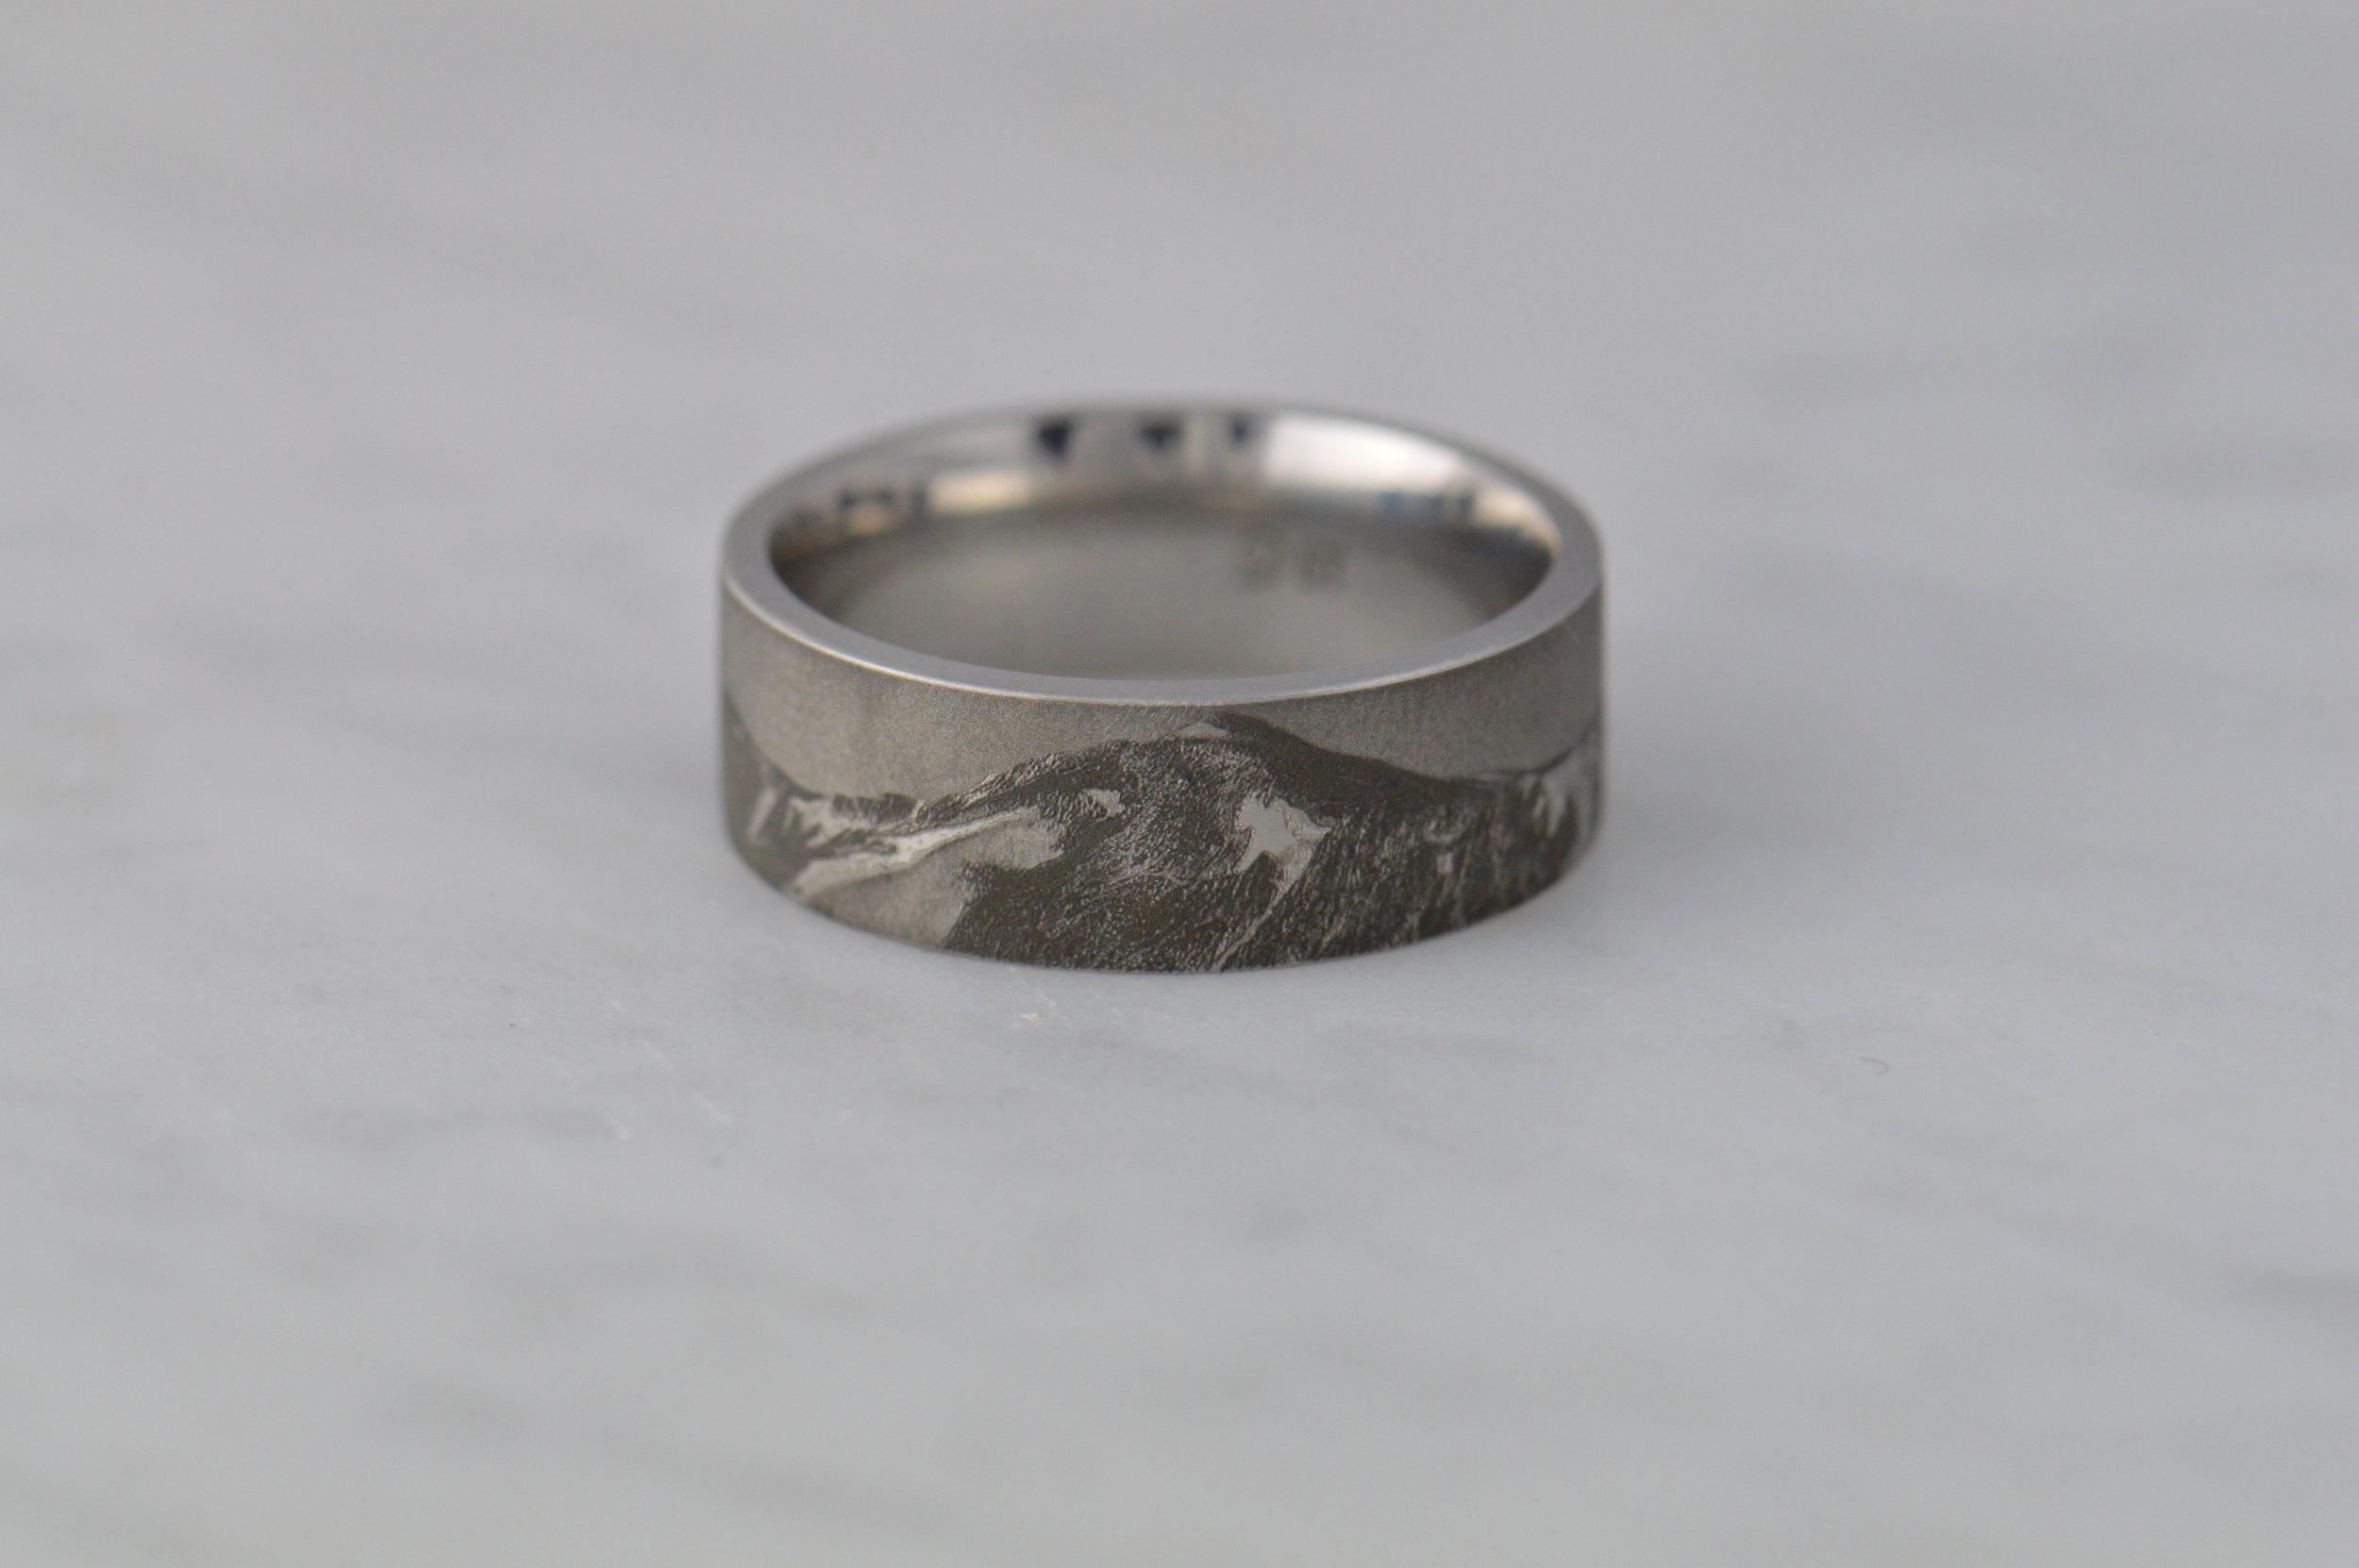 darvier-photo-realism-engraving-ring.JPG